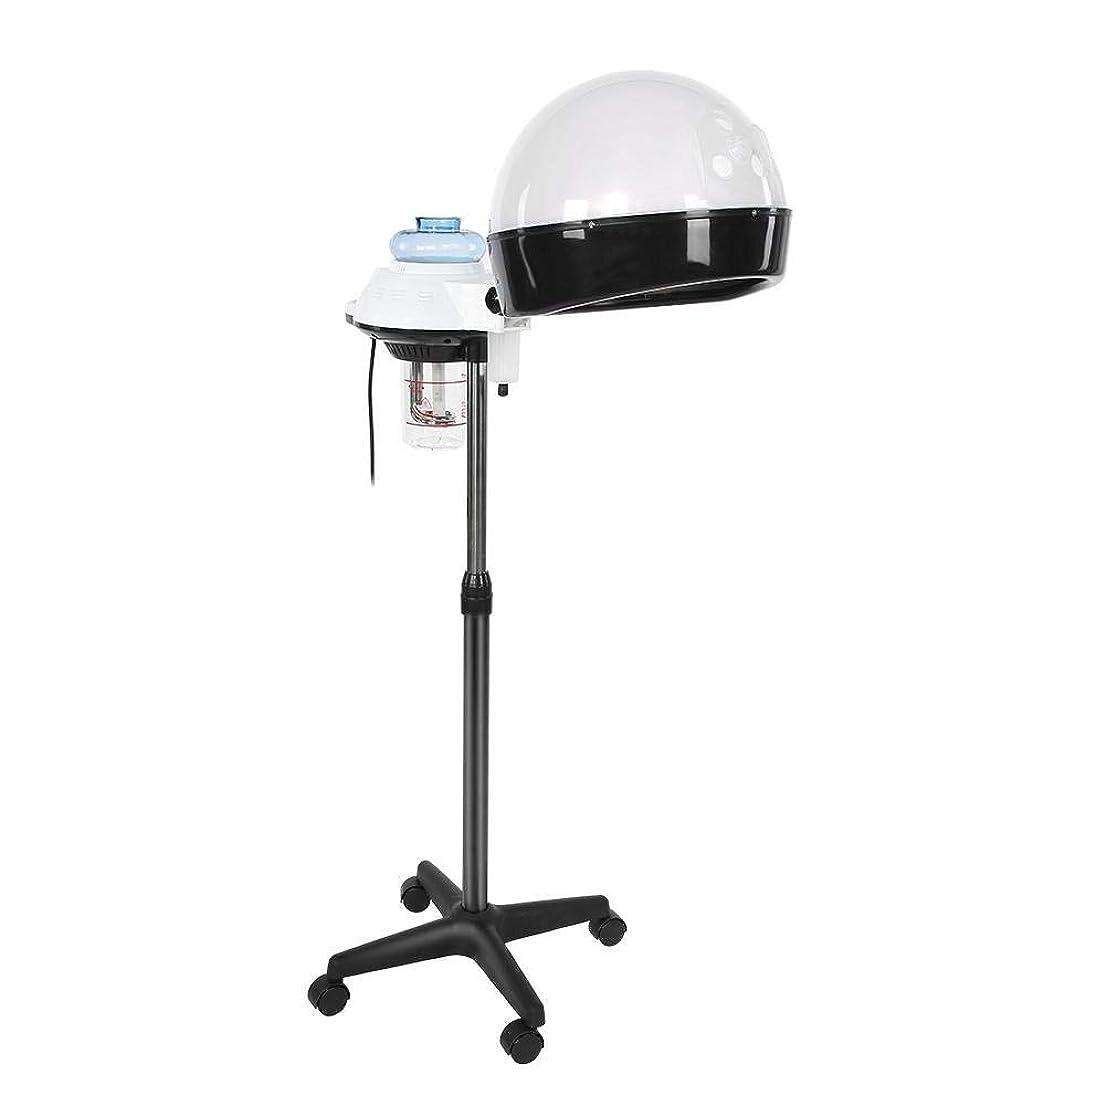 悪質な乱れ論理ヘア 加湿器 パーソナルケア用のデザイン ホットミストオゾンヘアセラピー美容機器 個人用家庭用 (US)